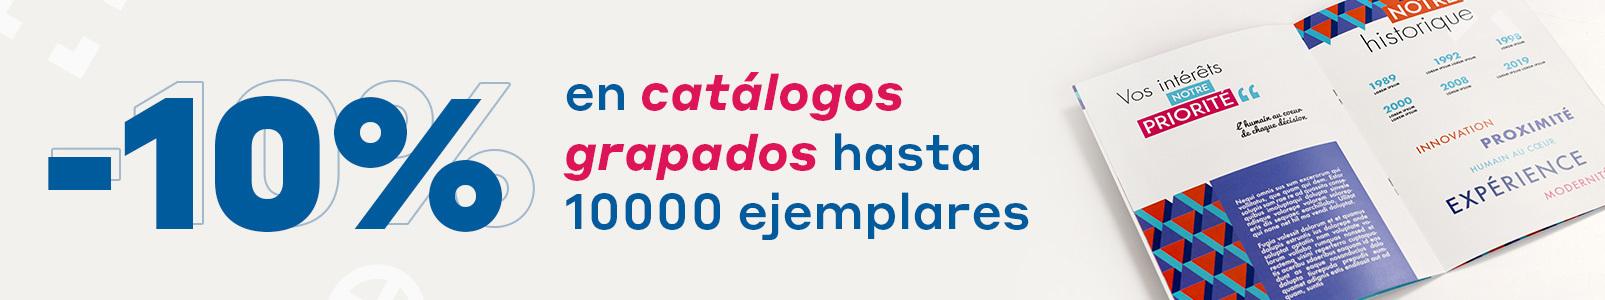 hp banner catalogos grapados -10 septiembre